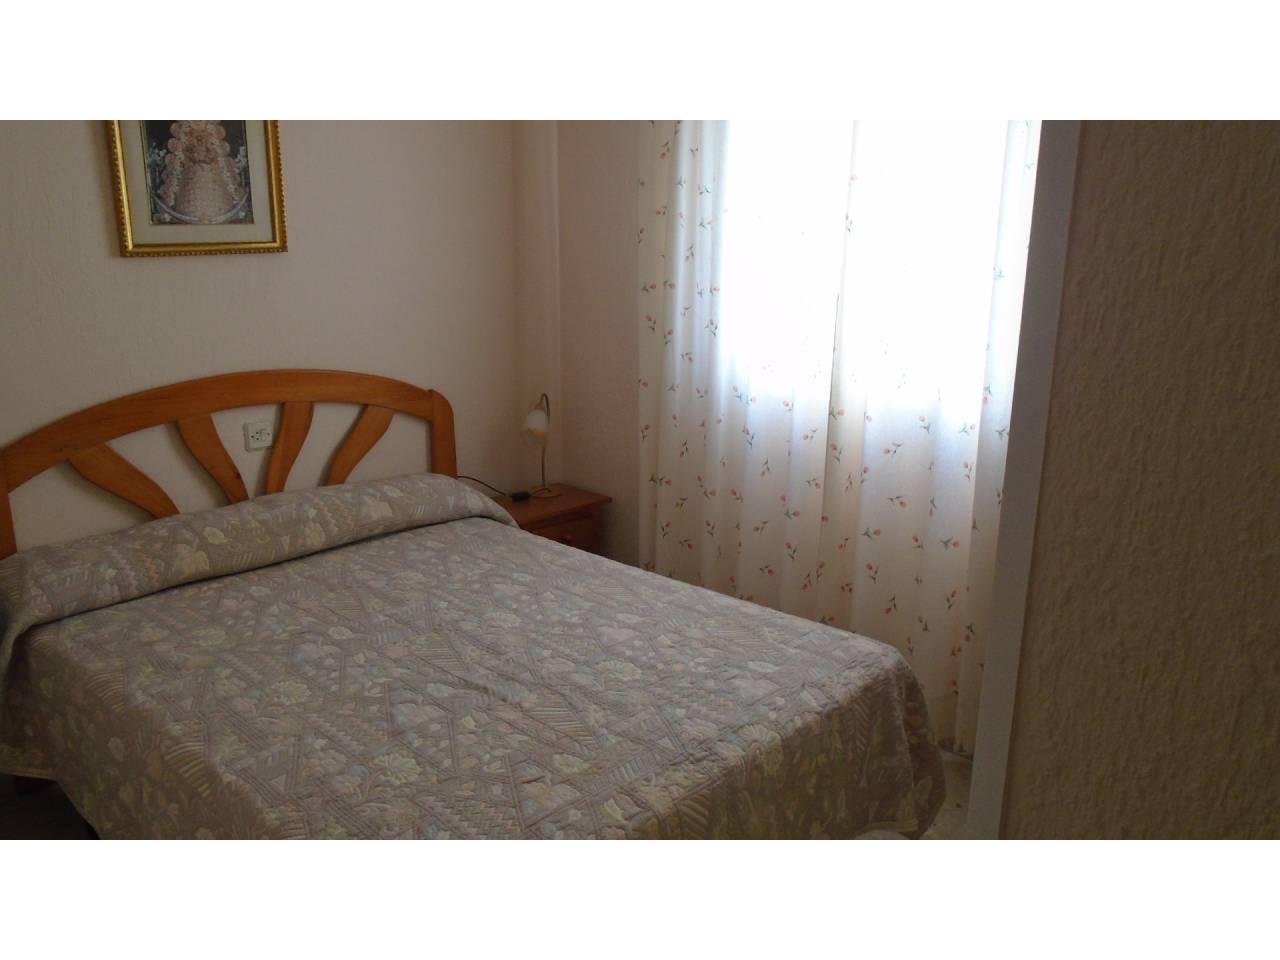 Piso en alquiler con 90 m2, 3 dormitorios  en Rota  - Foto 1